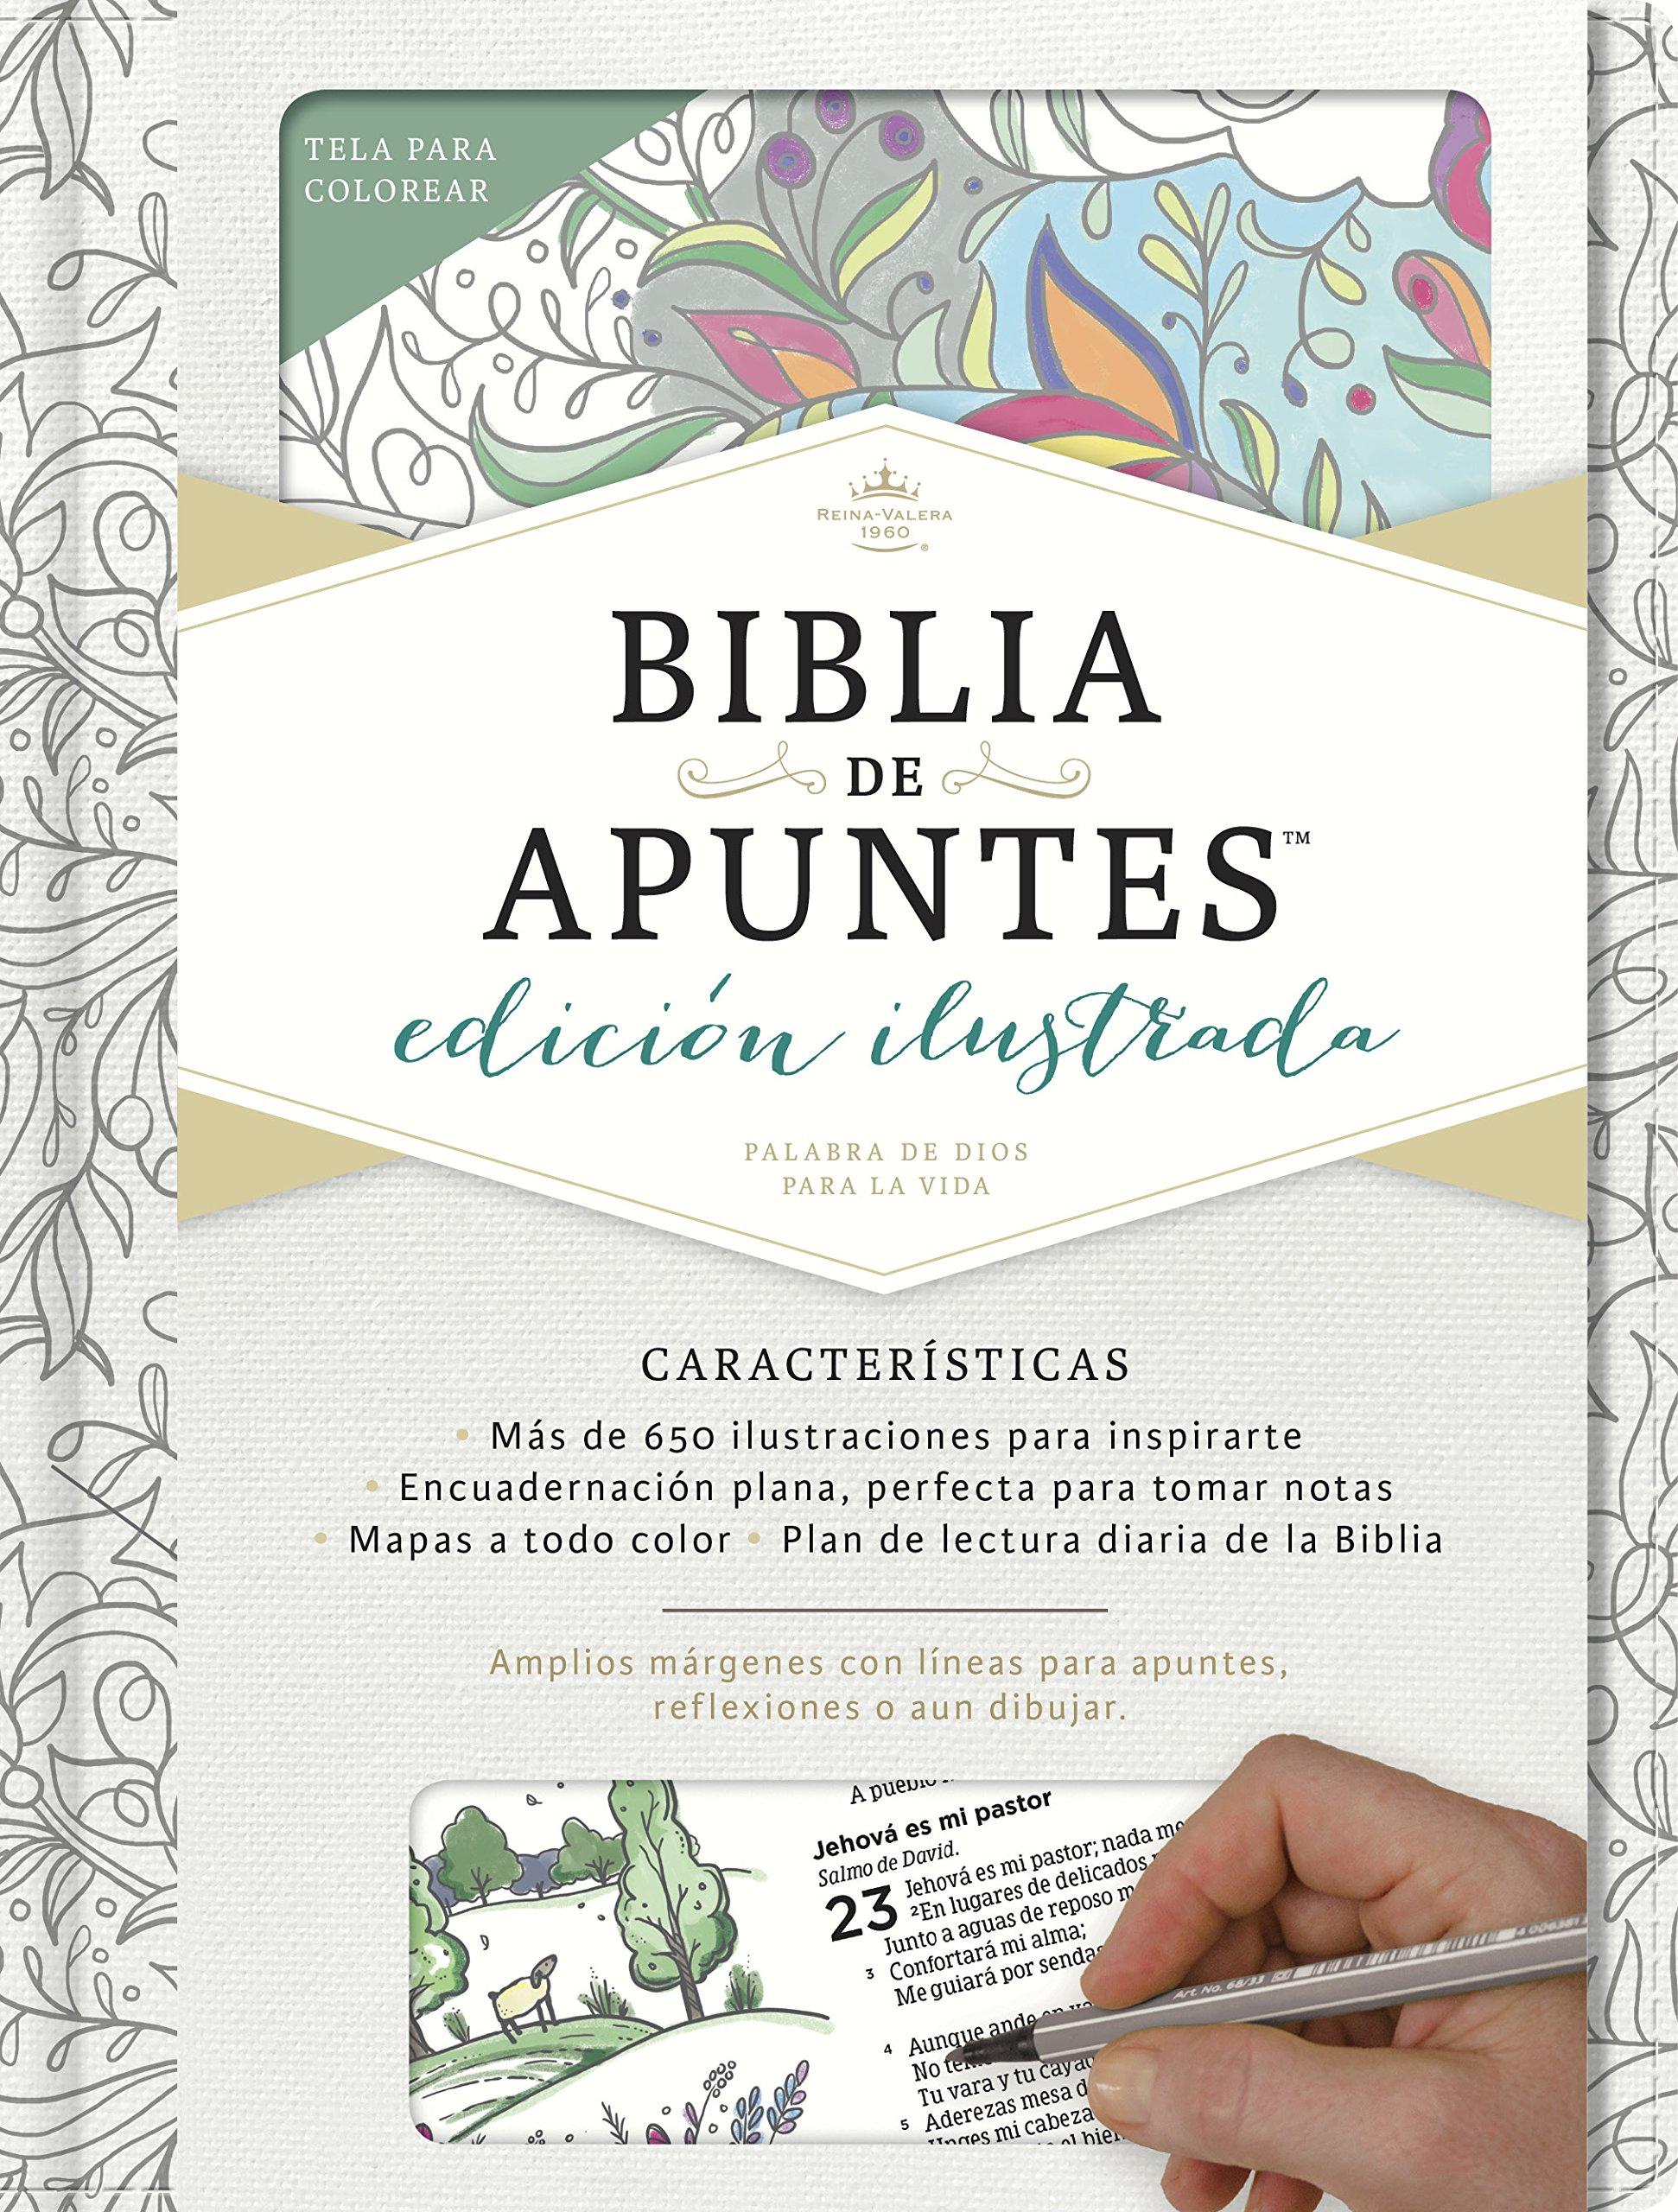 Rvr 1960 Biblia de Apuntes, Edición Ilustrada, Blanco En Tela Para Colorear: Amazon.es: Staff, B&H Espanol Editorial: Libros